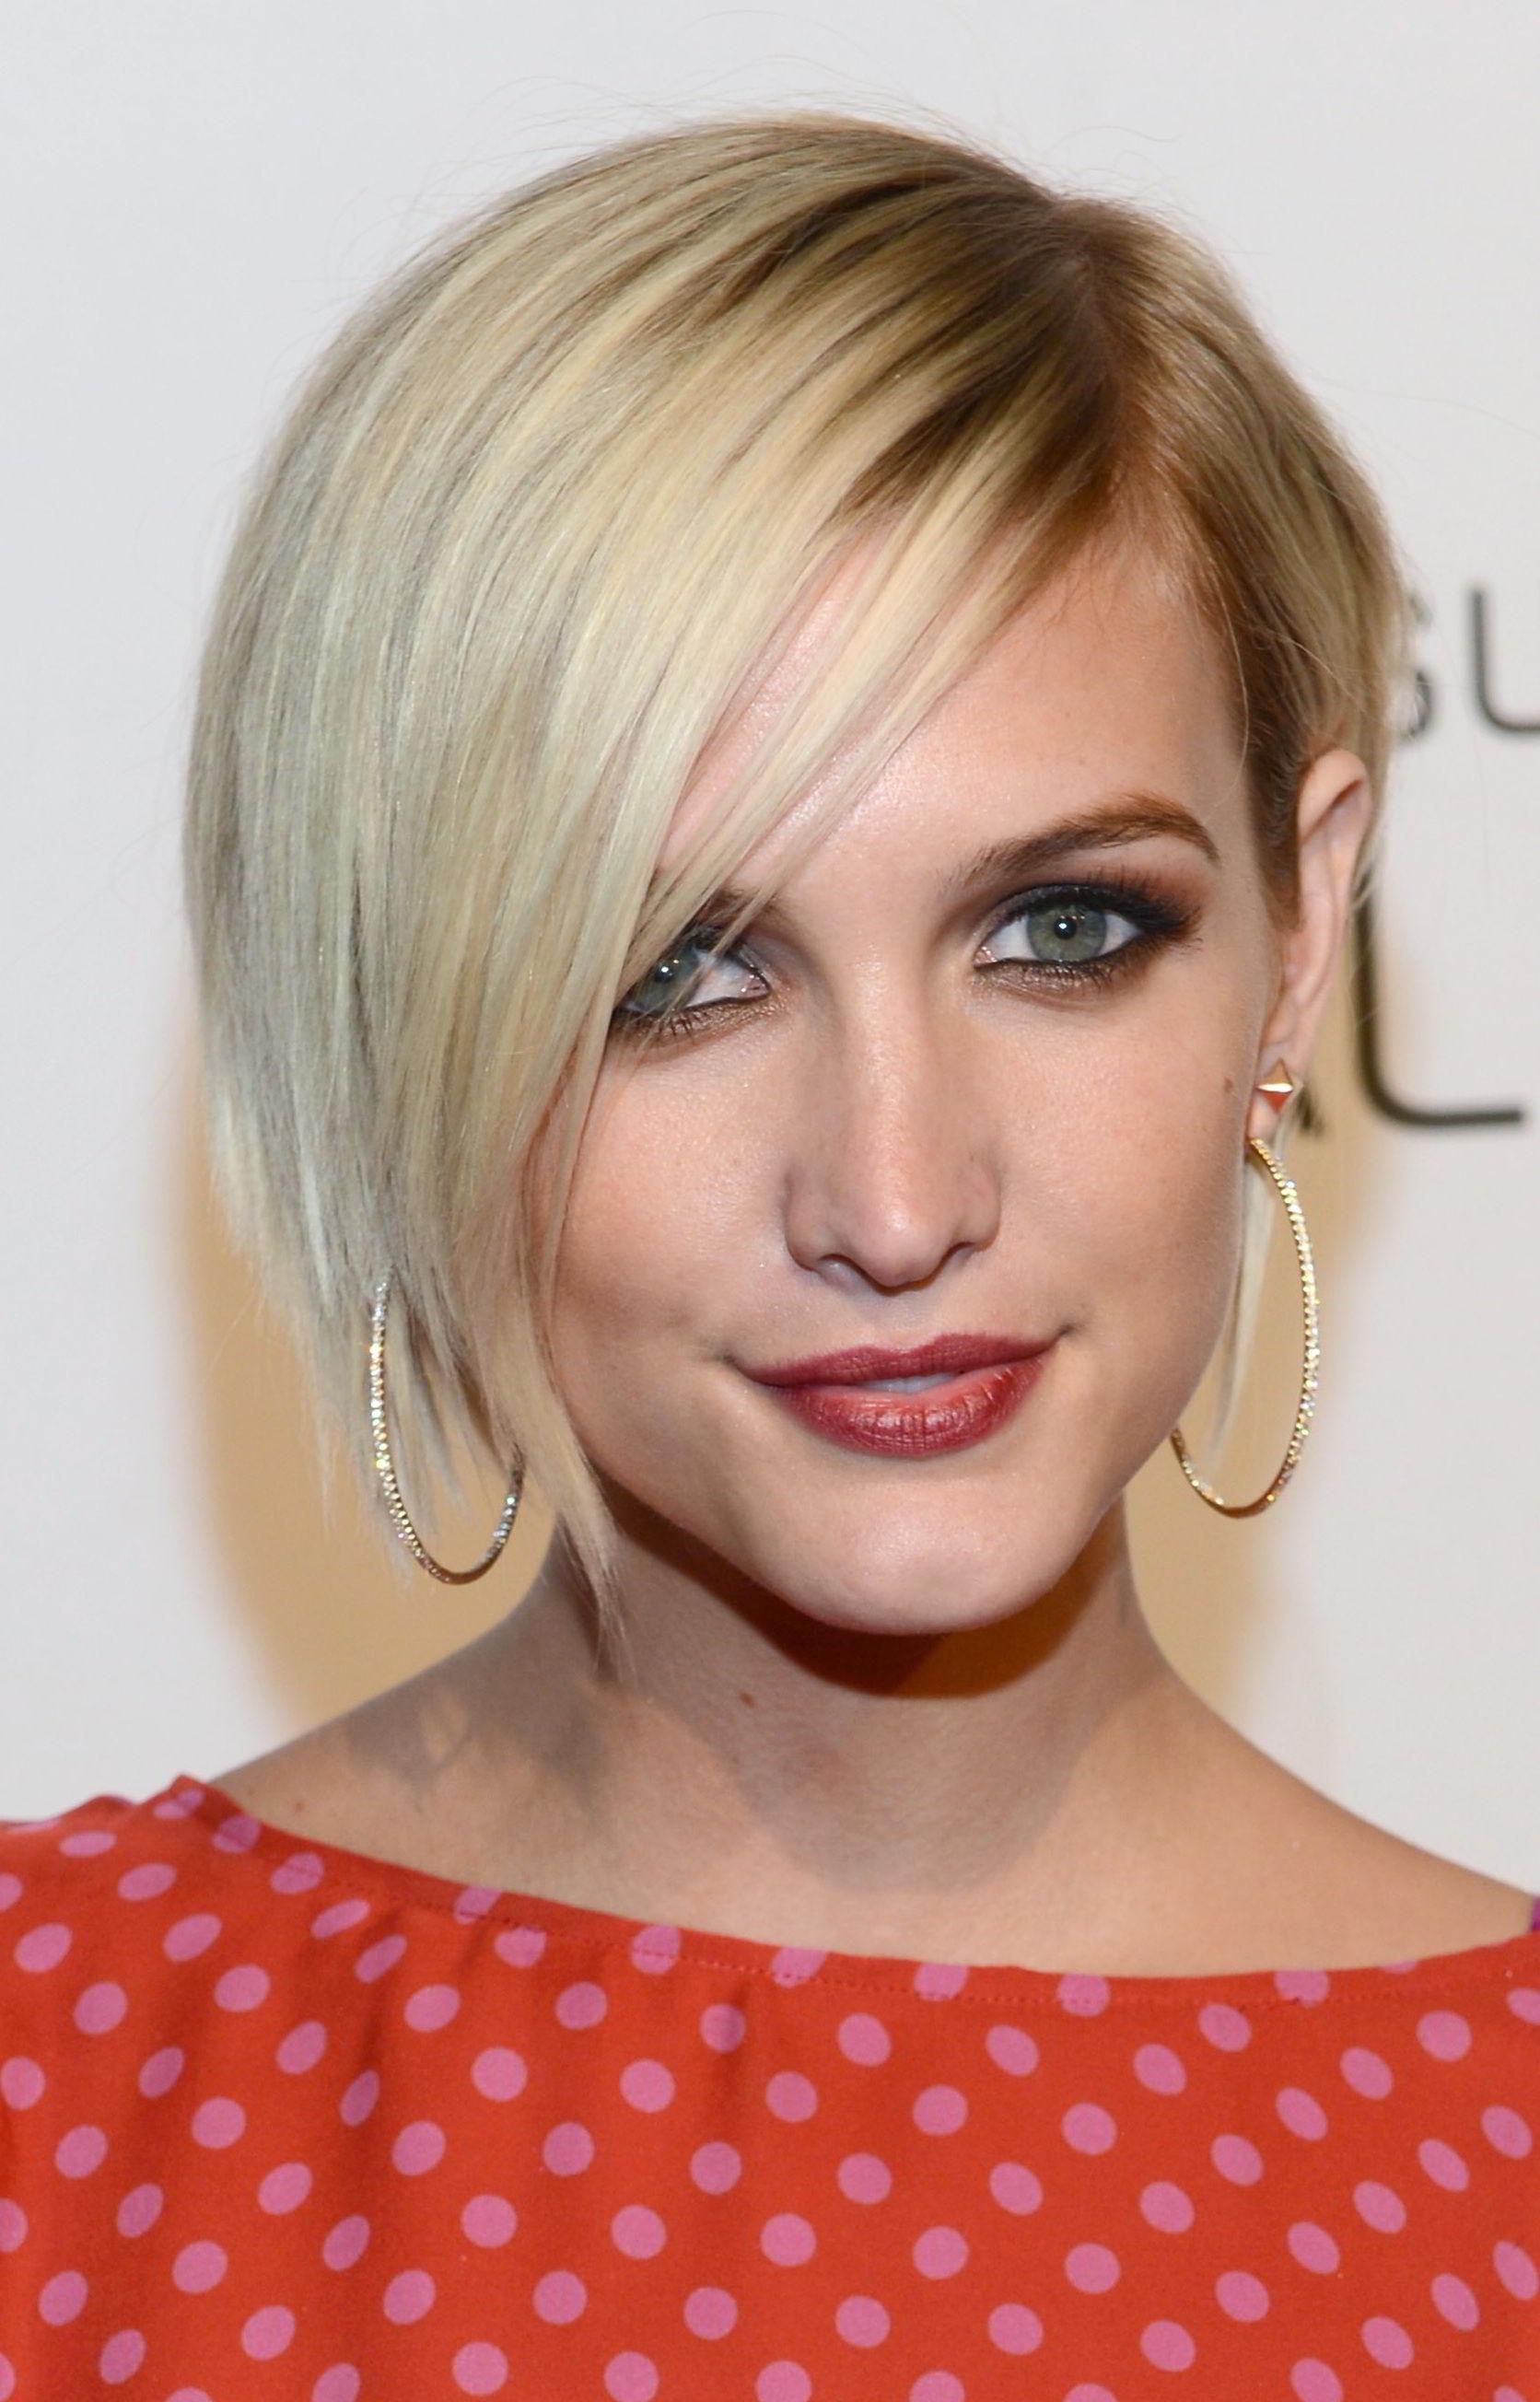 Модная асимметричная прическа блондинок 2020